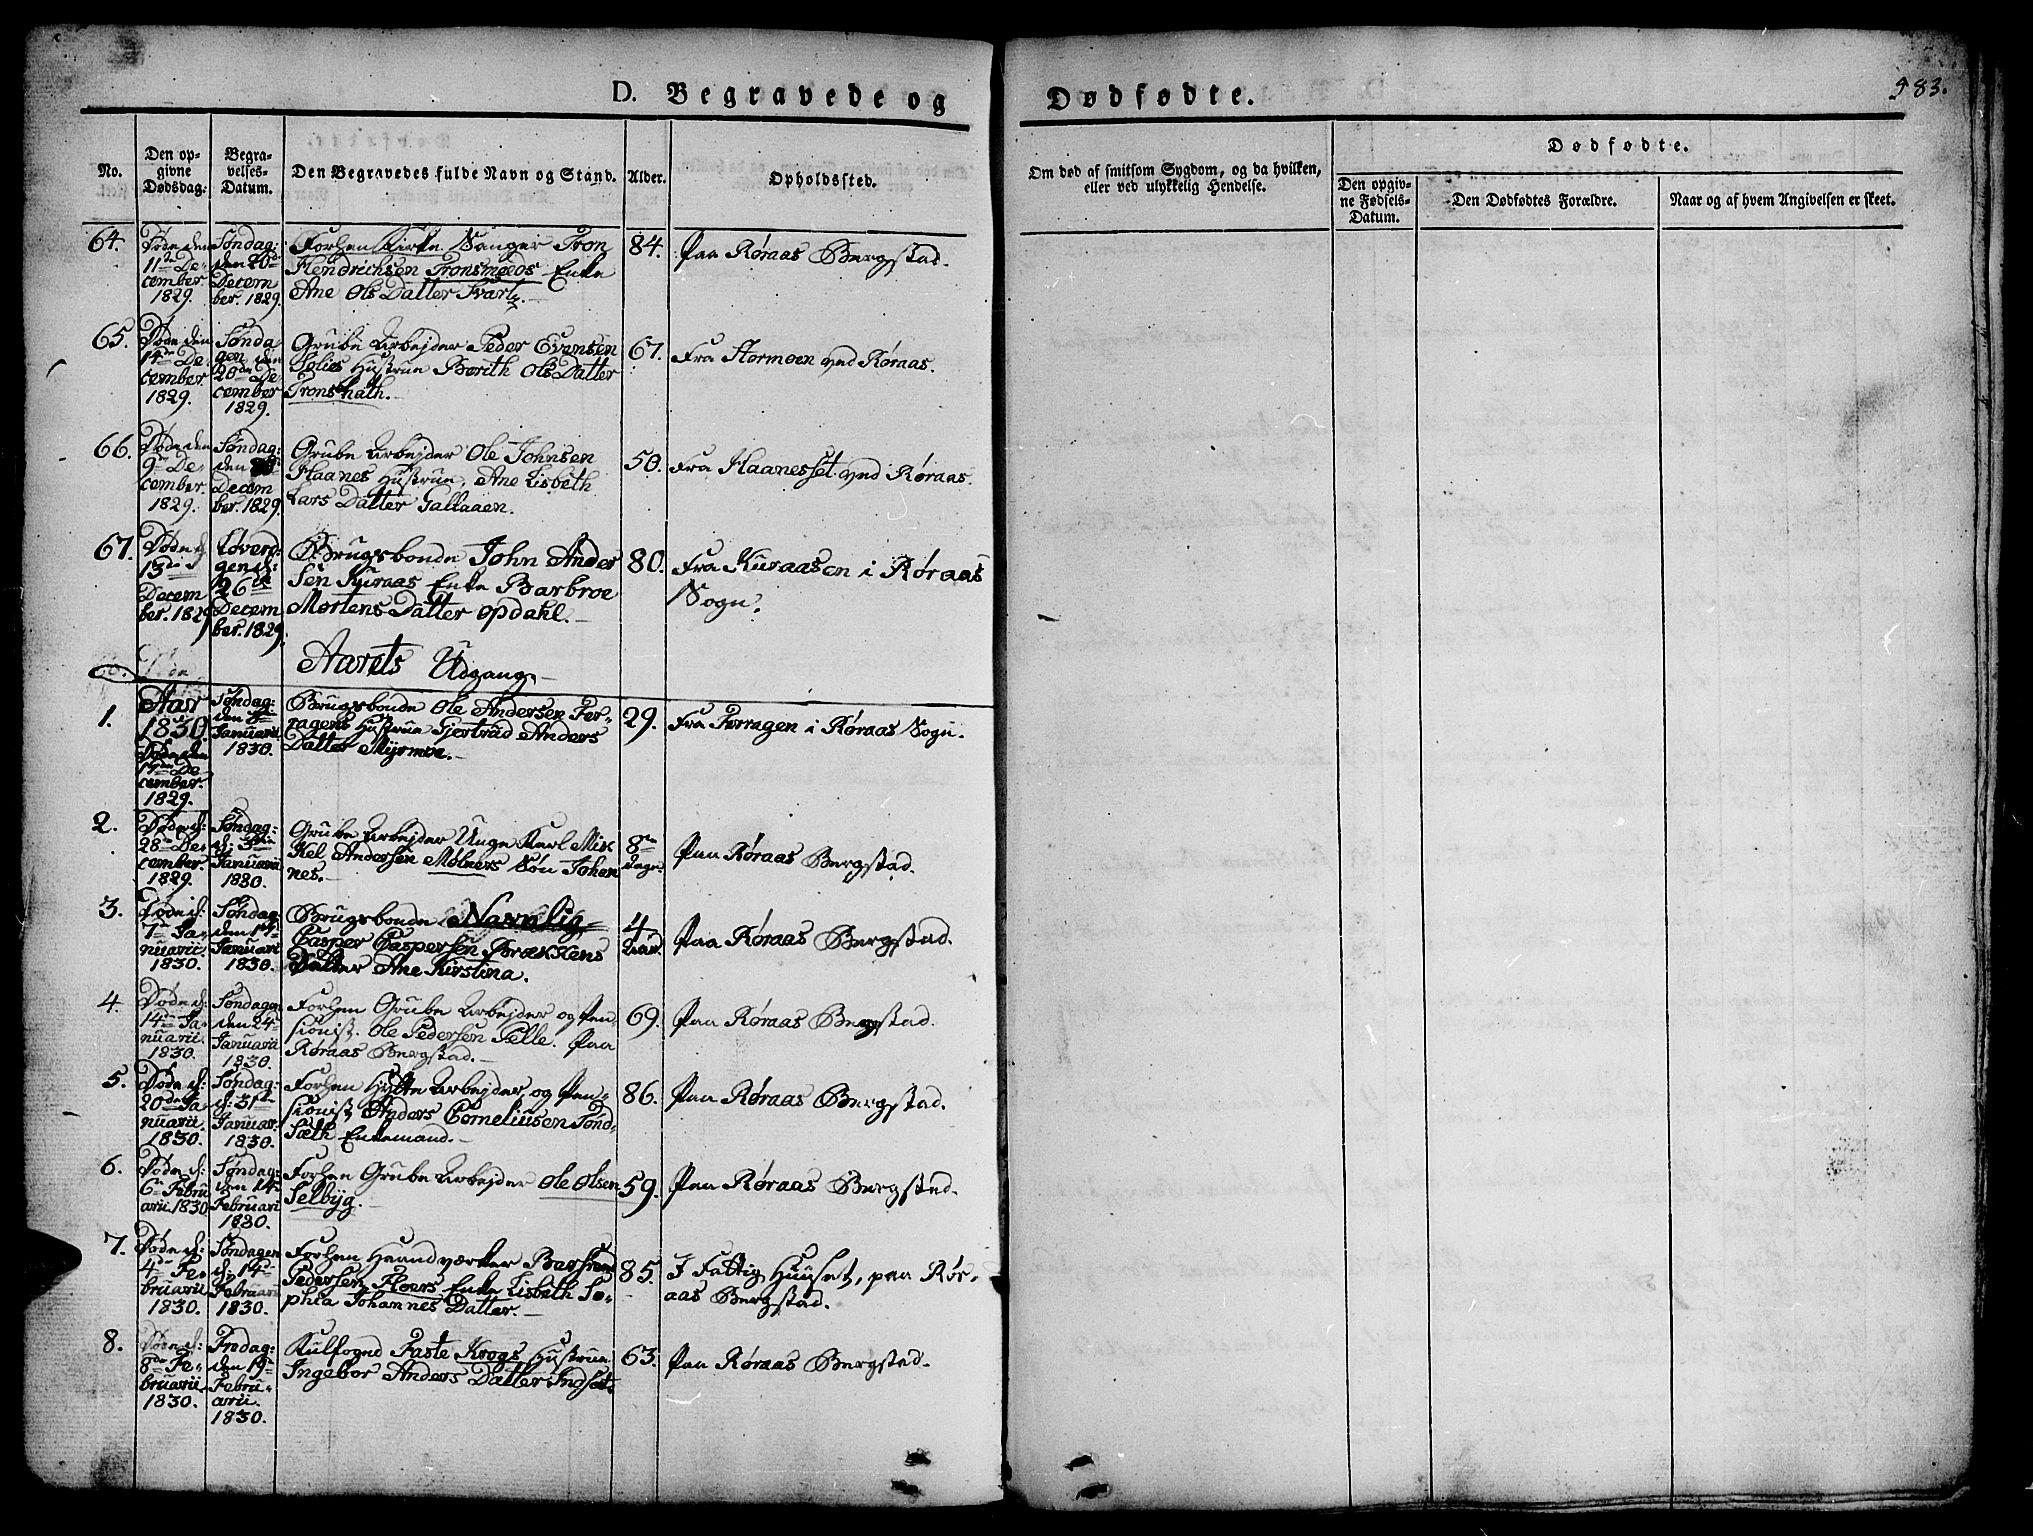 SAT, Ministerialprotokoller, klokkerbøker og fødselsregistre - Sør-Trøndelag, 681/L0939: Klokkerbok nr. 681C03, 1829-1855, s. 583